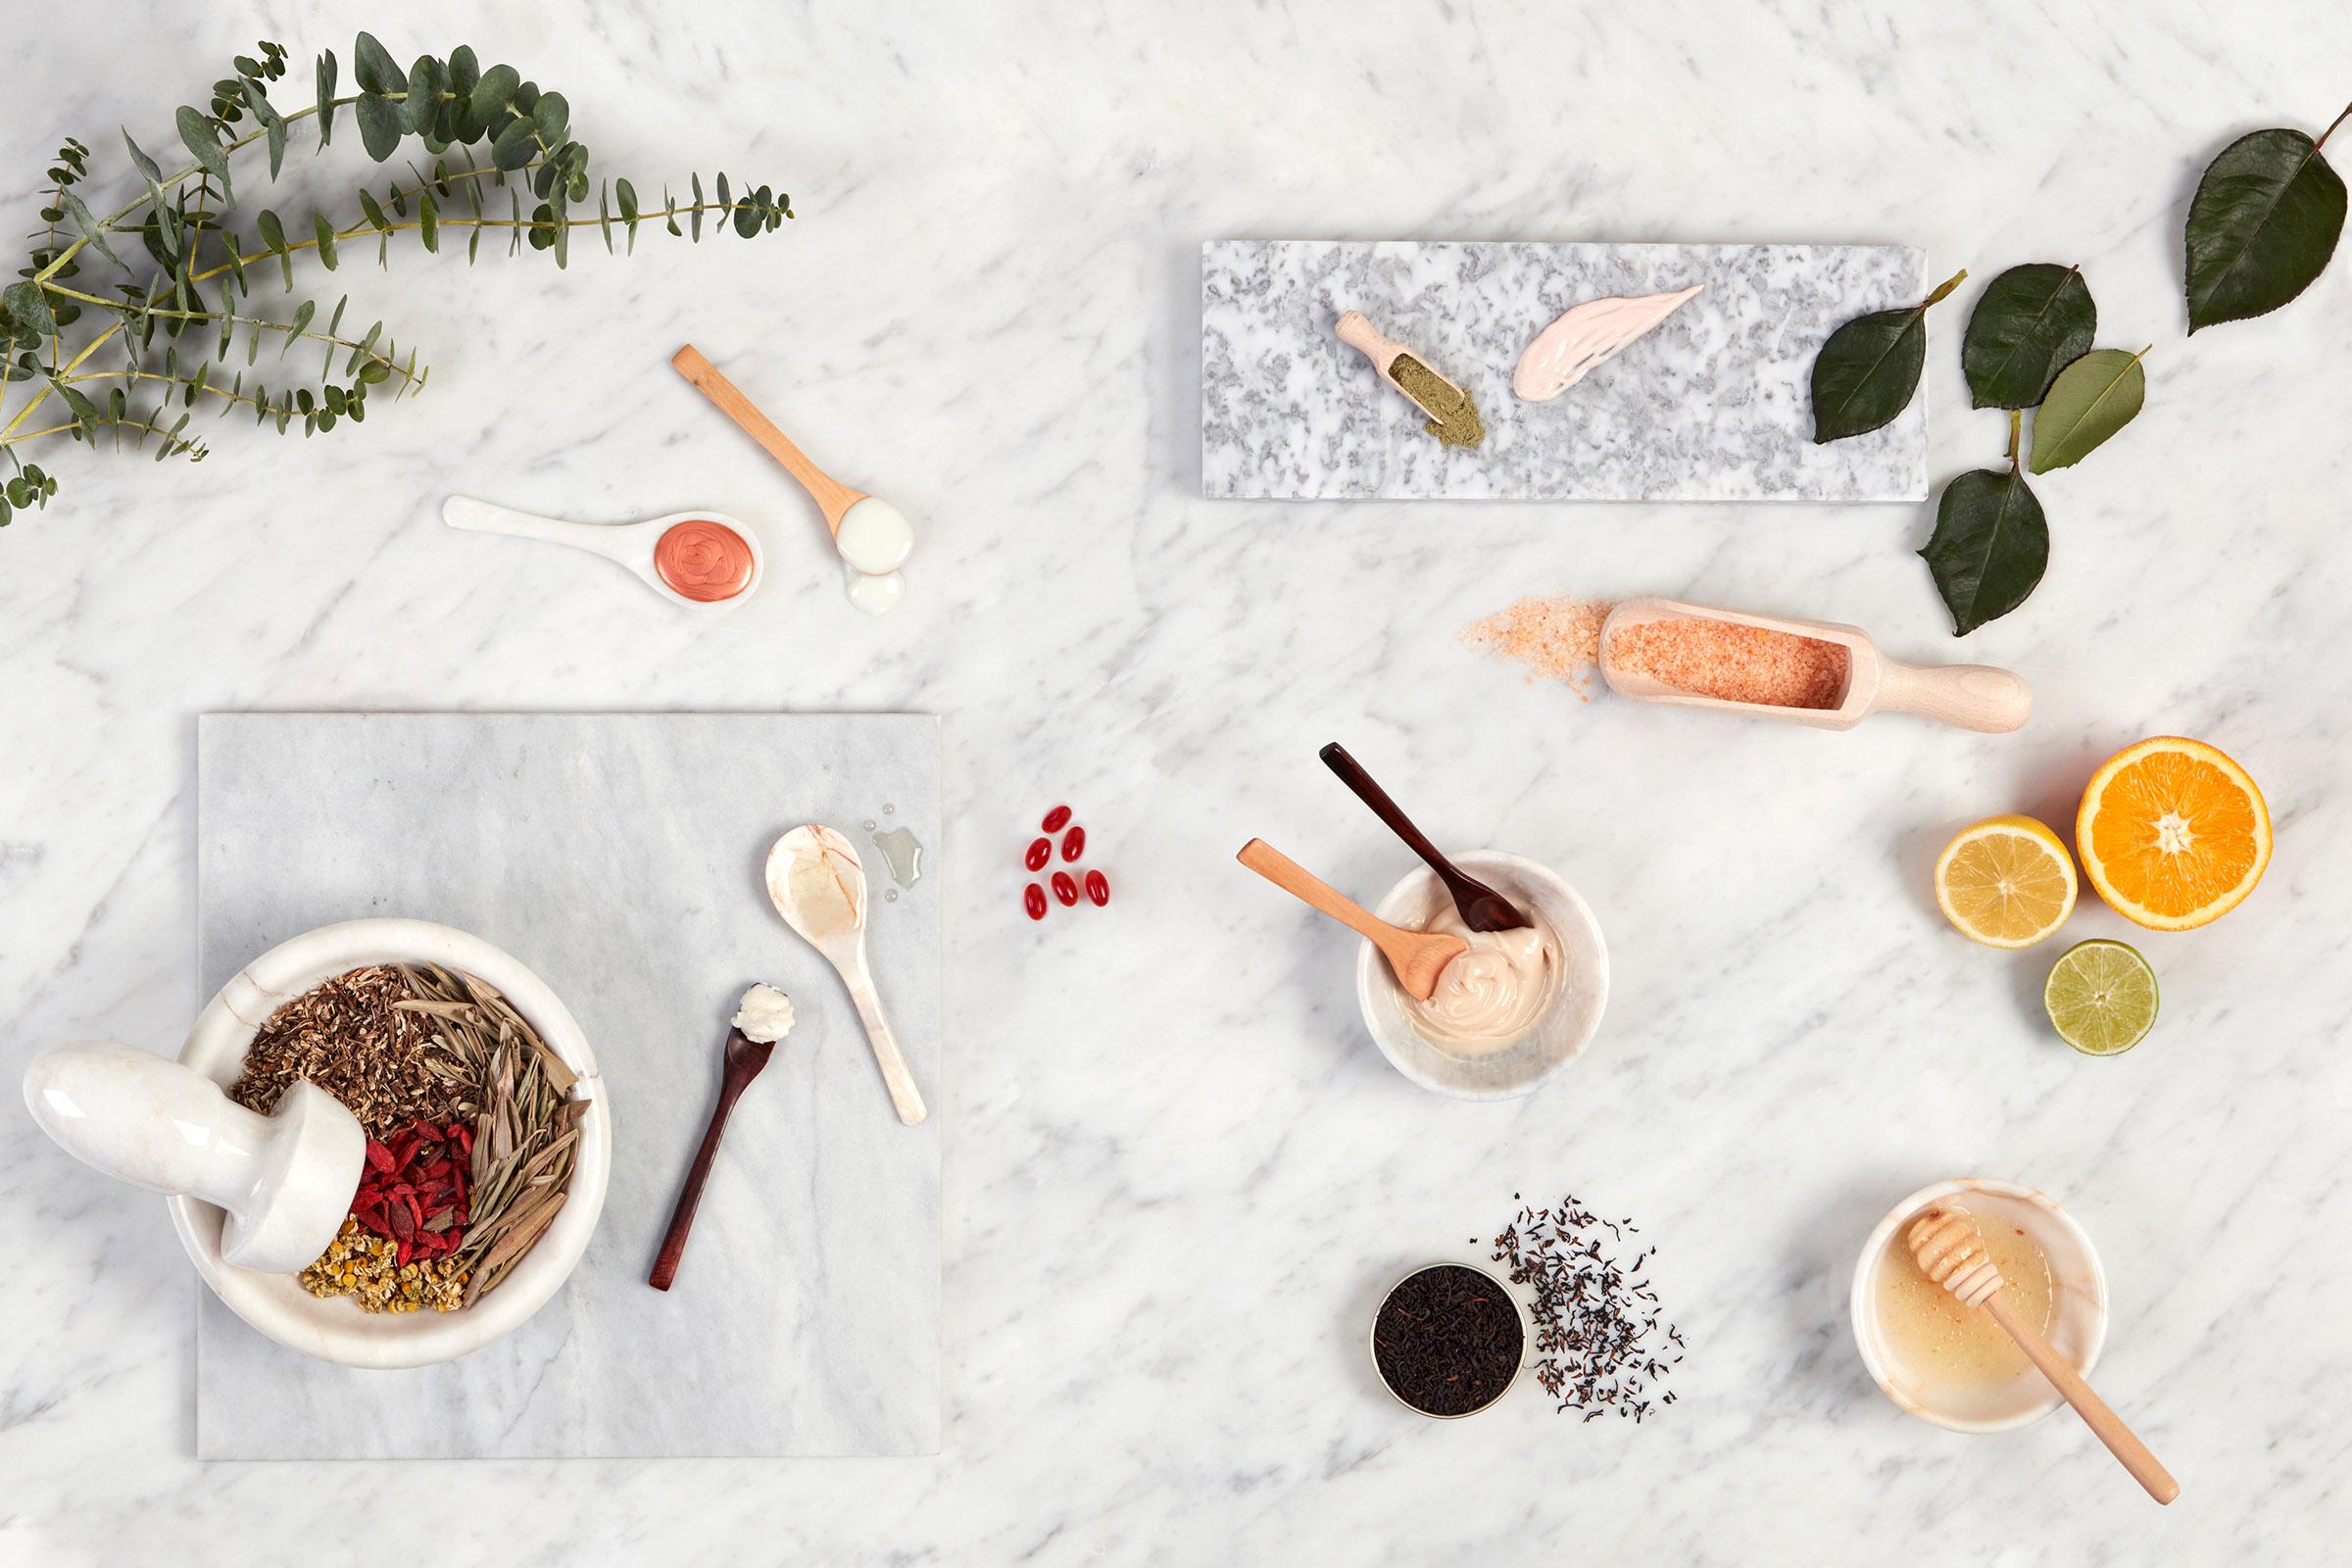 skin-ingredients-image1 (1).jpg